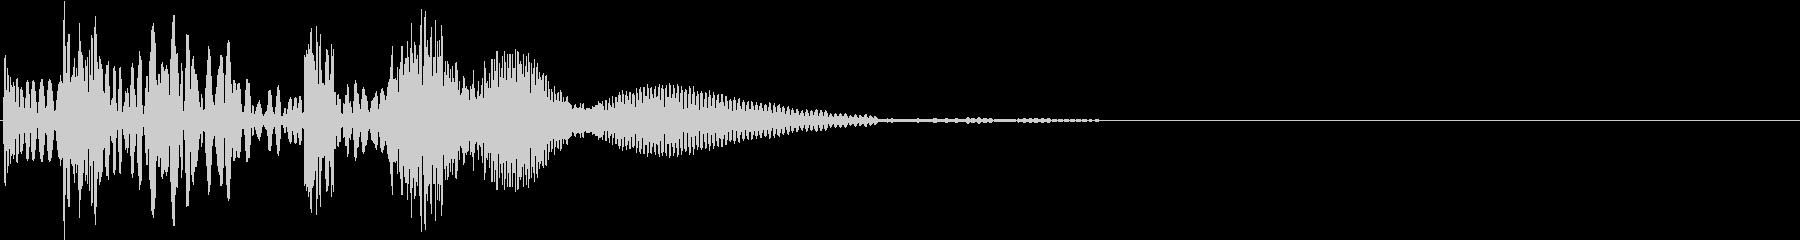 ブブッブポウン(発射音・サブショット音)の未再生の波形